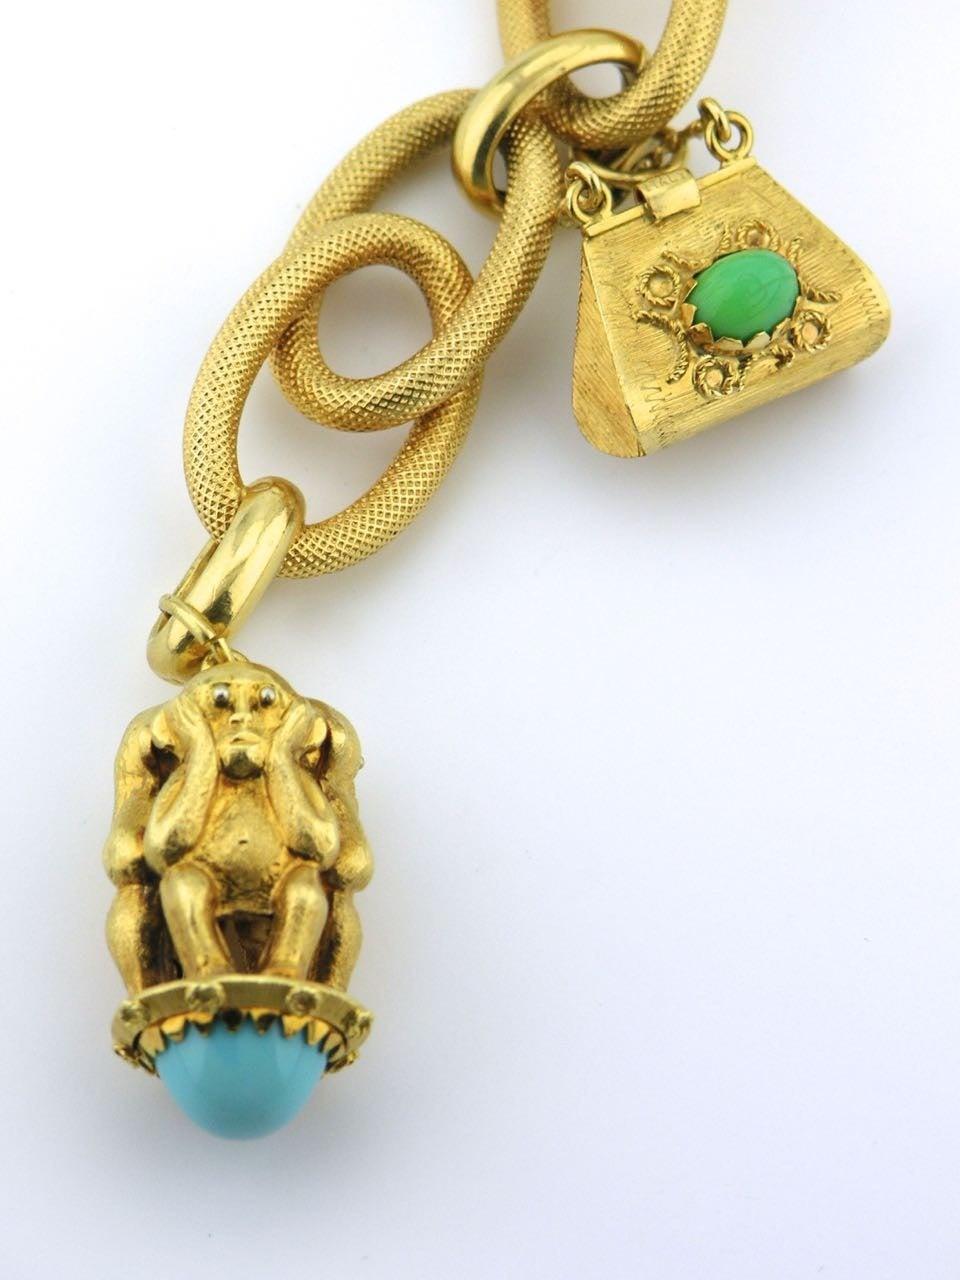 1960s italian gold charm bracelet at 1stdibs